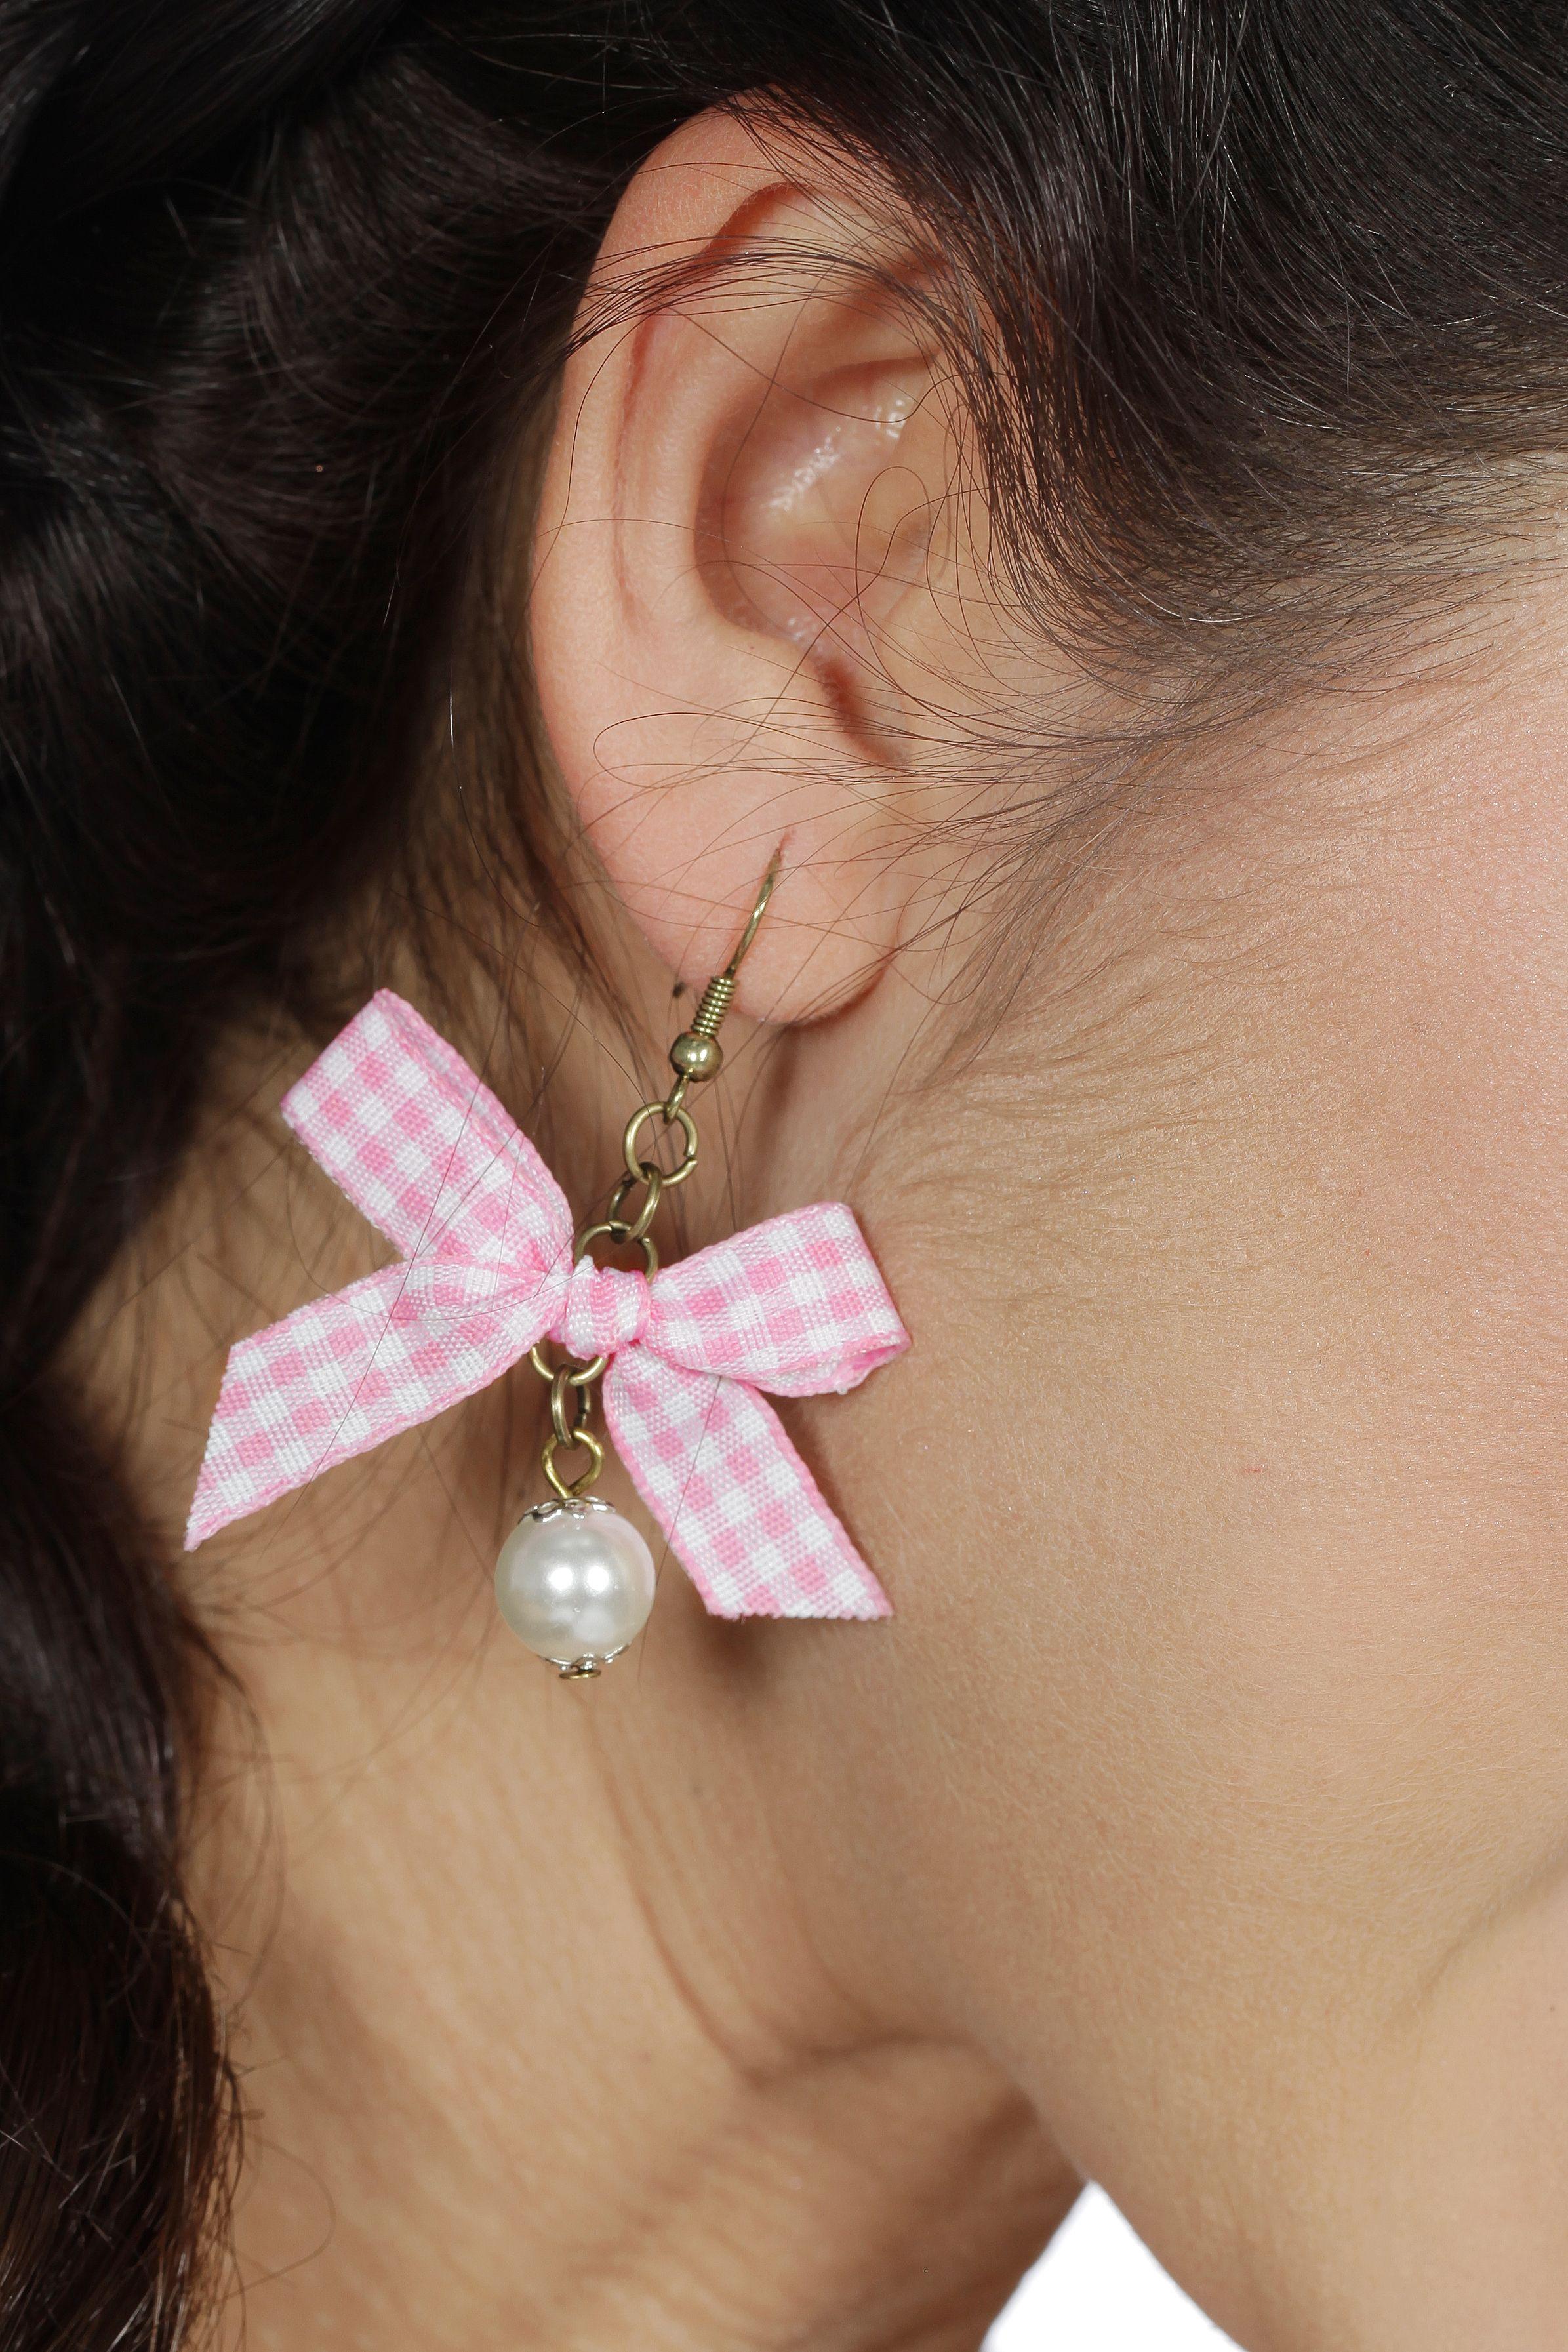 Oorbellen met parel en roze/wit geruit strikje